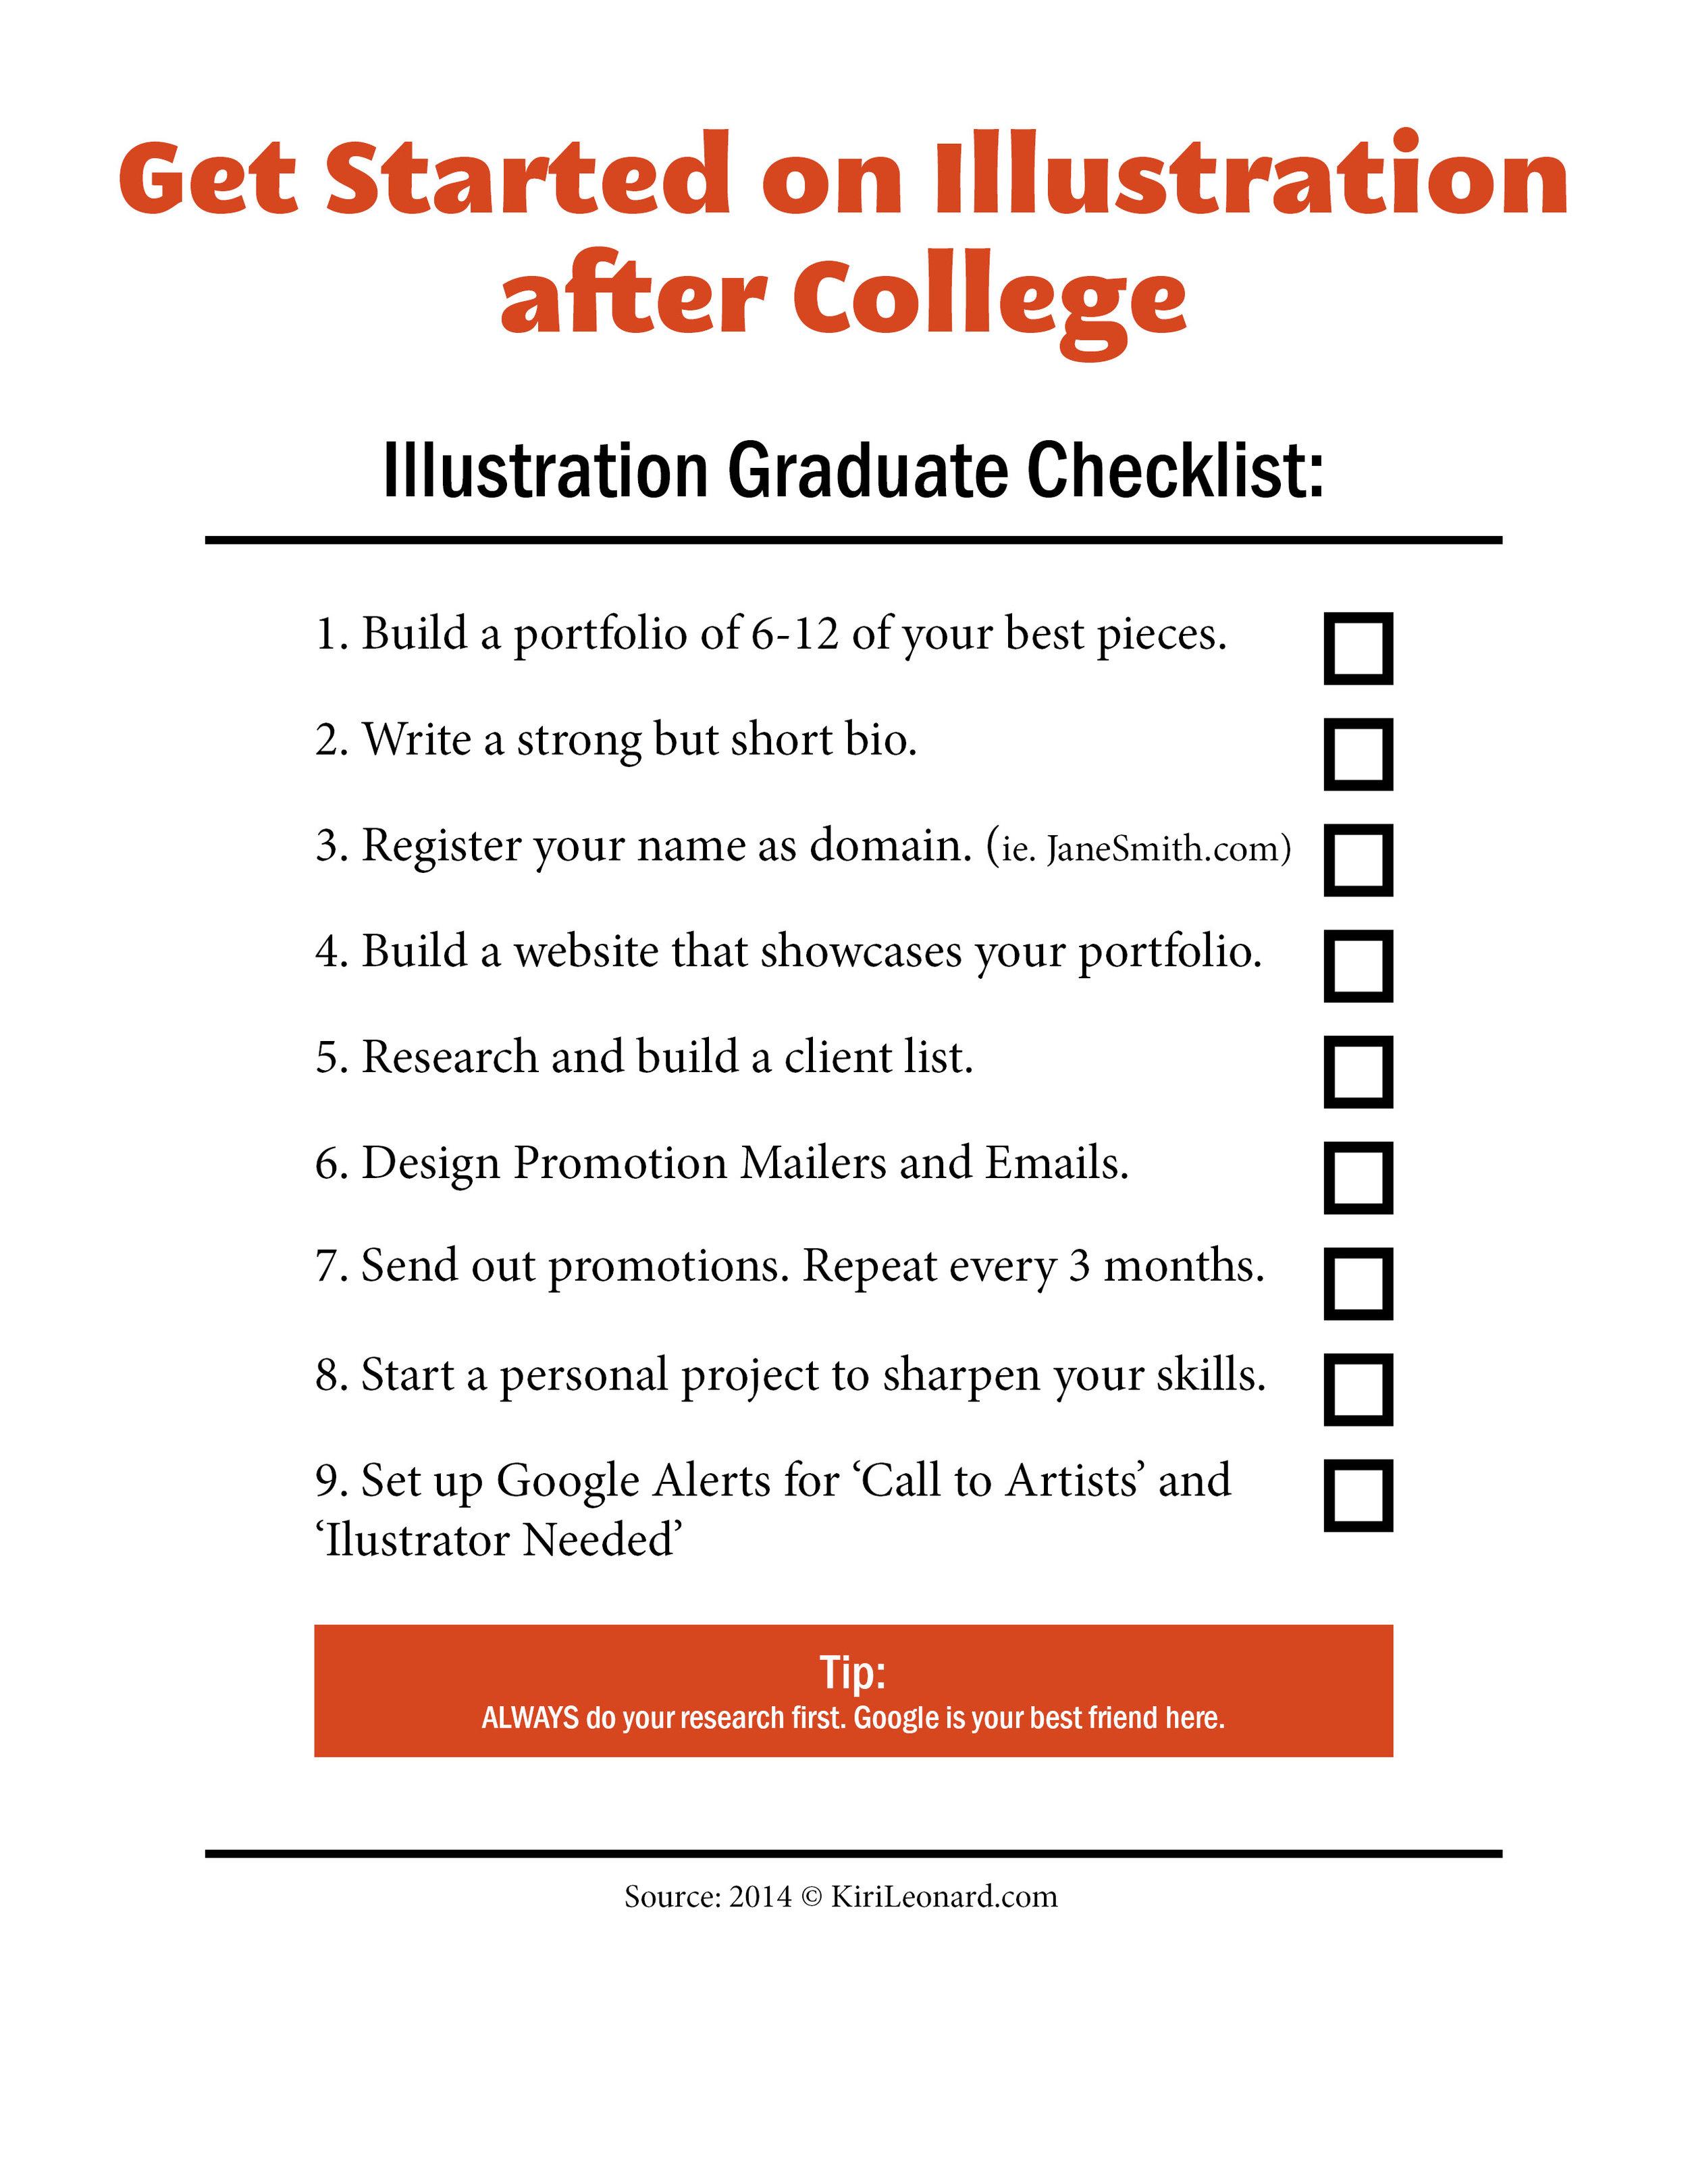 Illustration-Graduate-Checklist.jpg